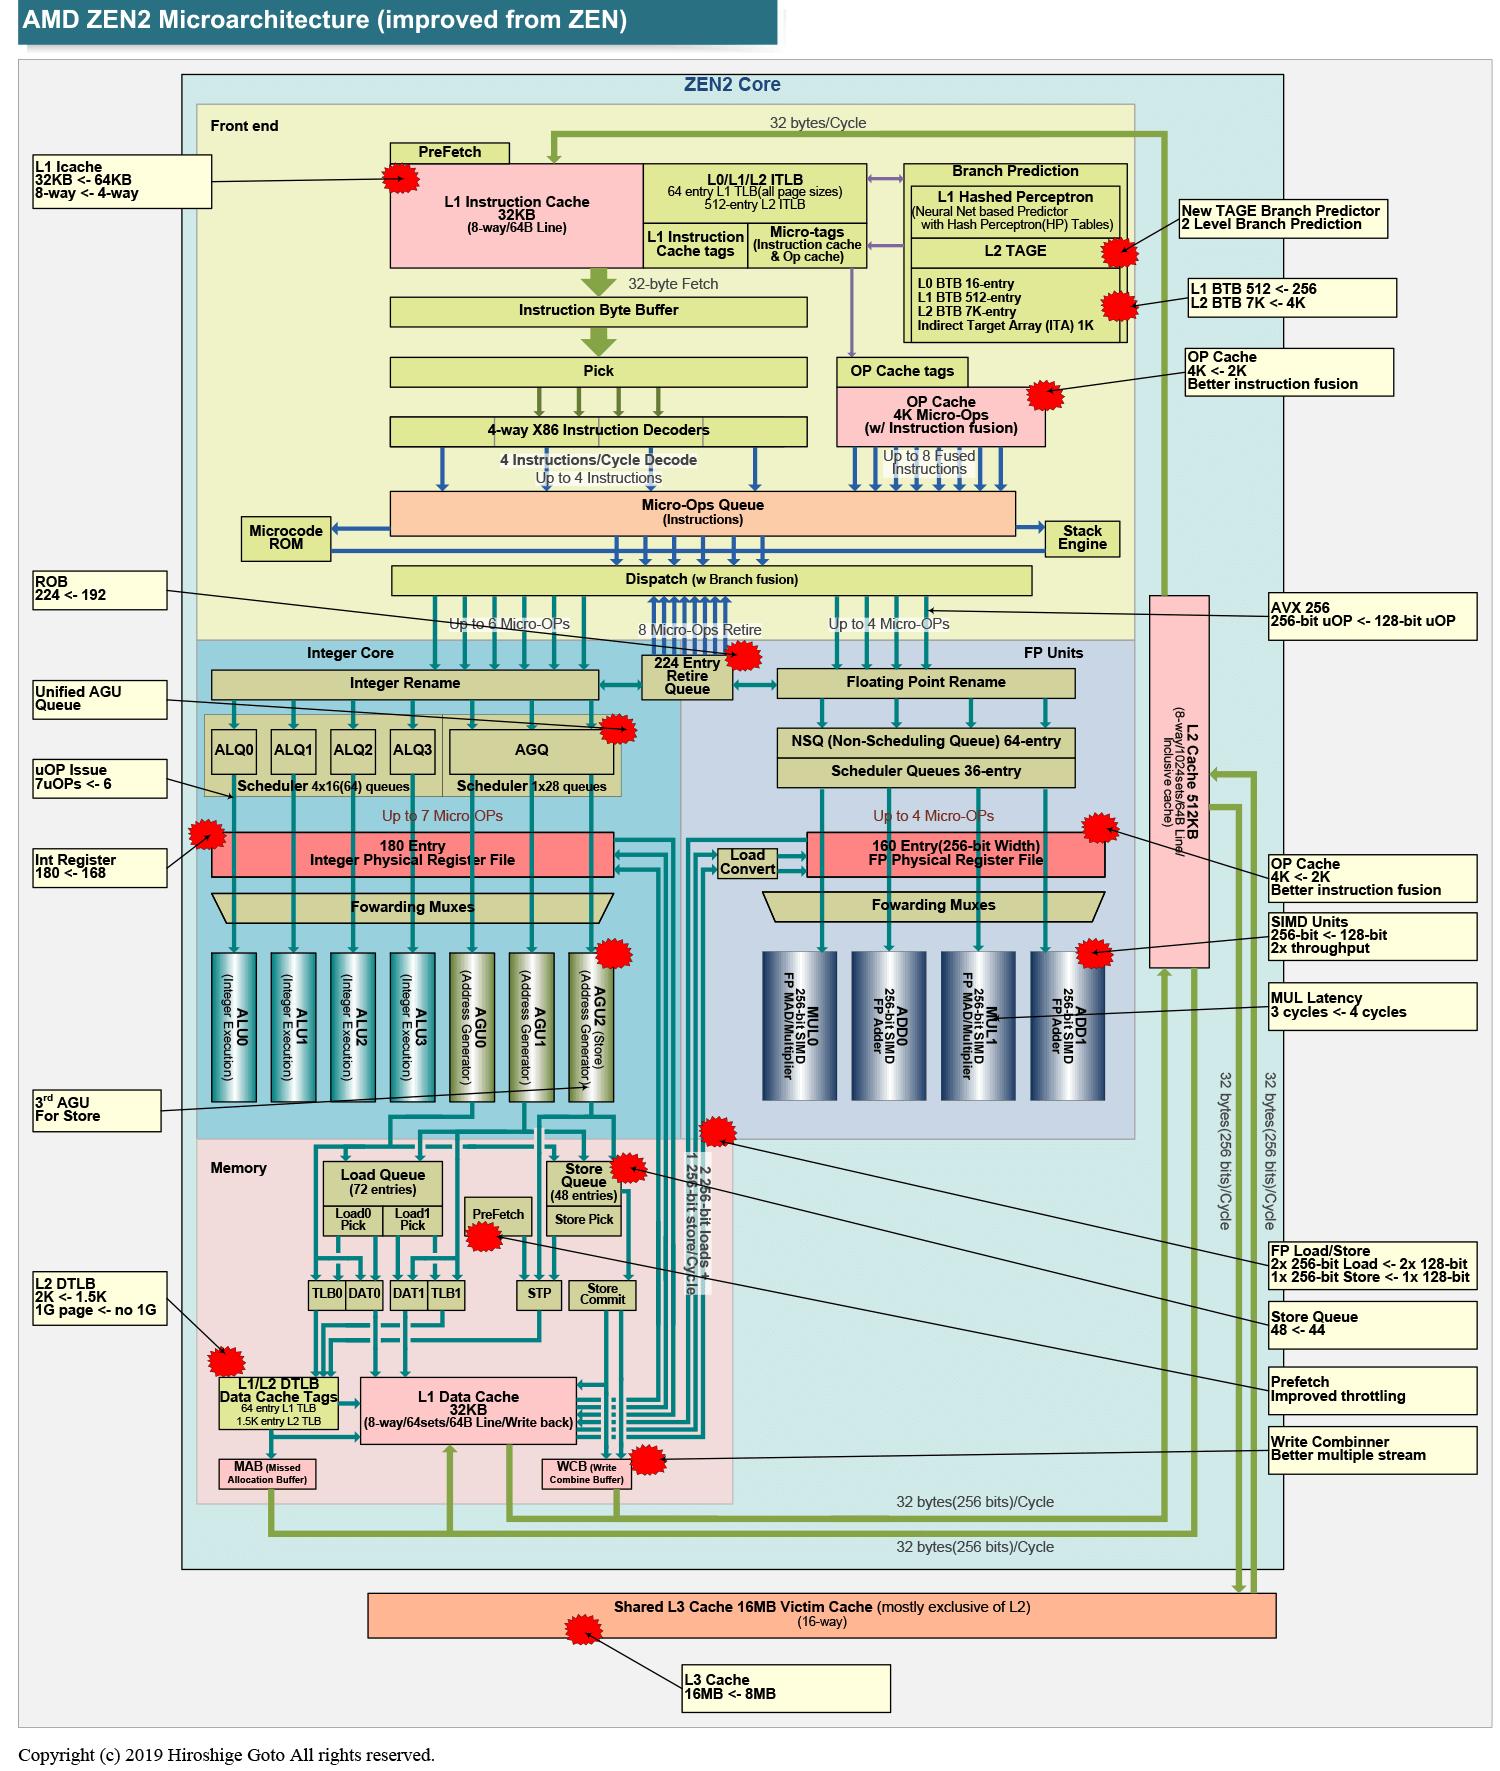 Zen 2マイクロアーキテクチャとZenからの拡張ポイント